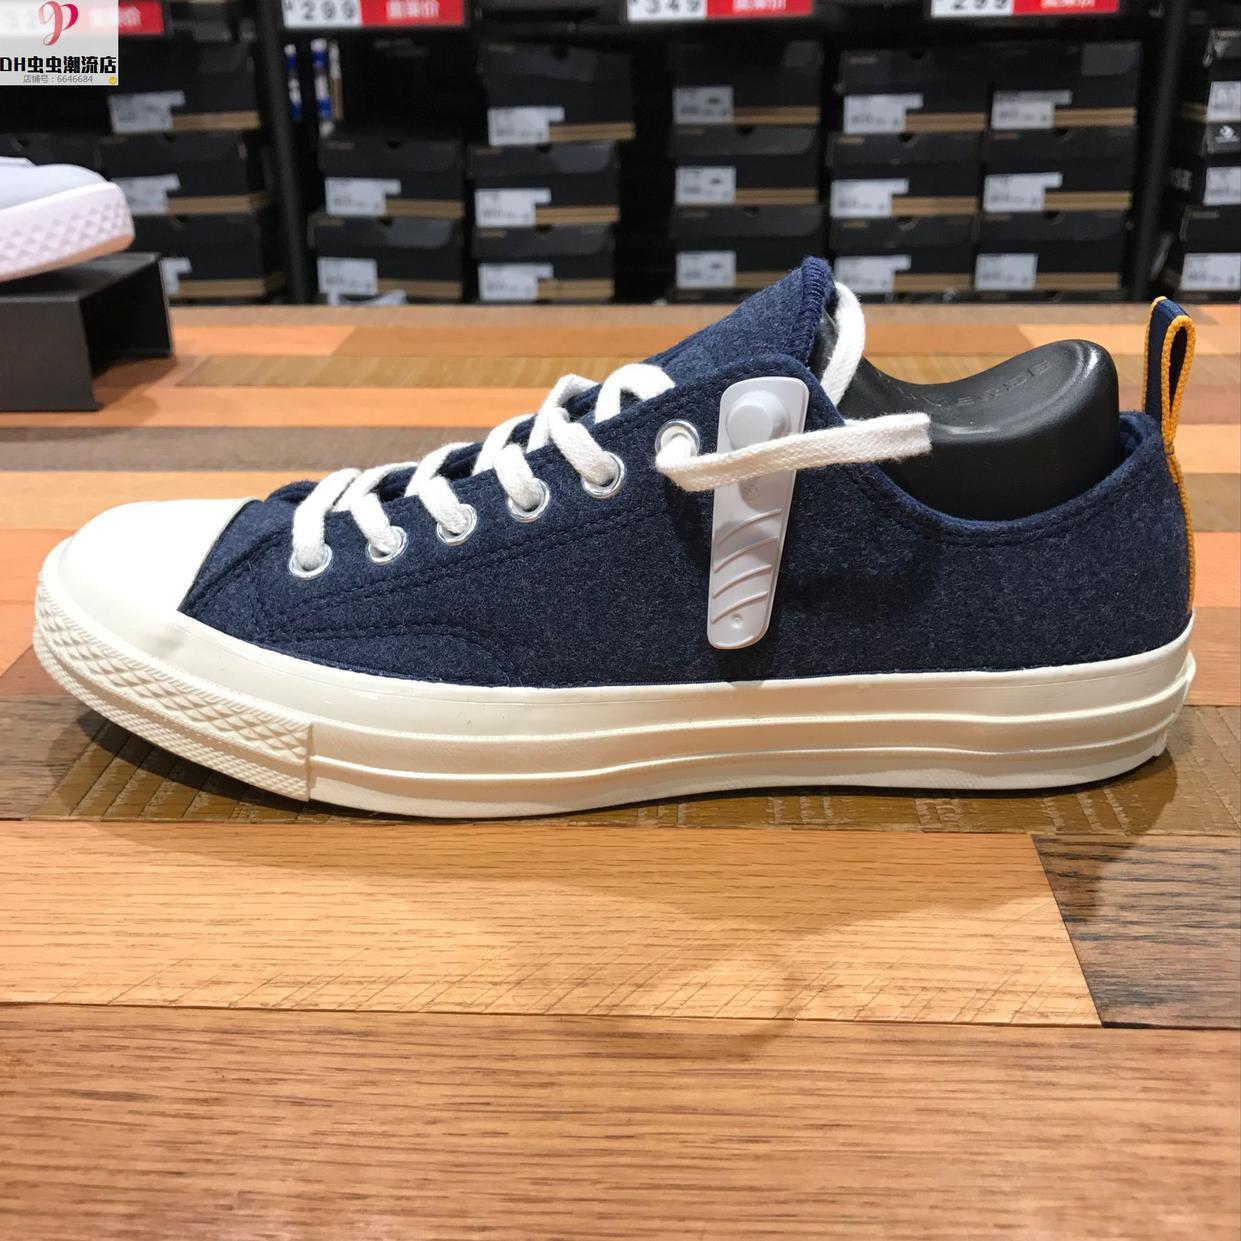 匡威2018新款1970s三星标蓝色羊毛男女低帮休闲帆布鞋板鞋157590c